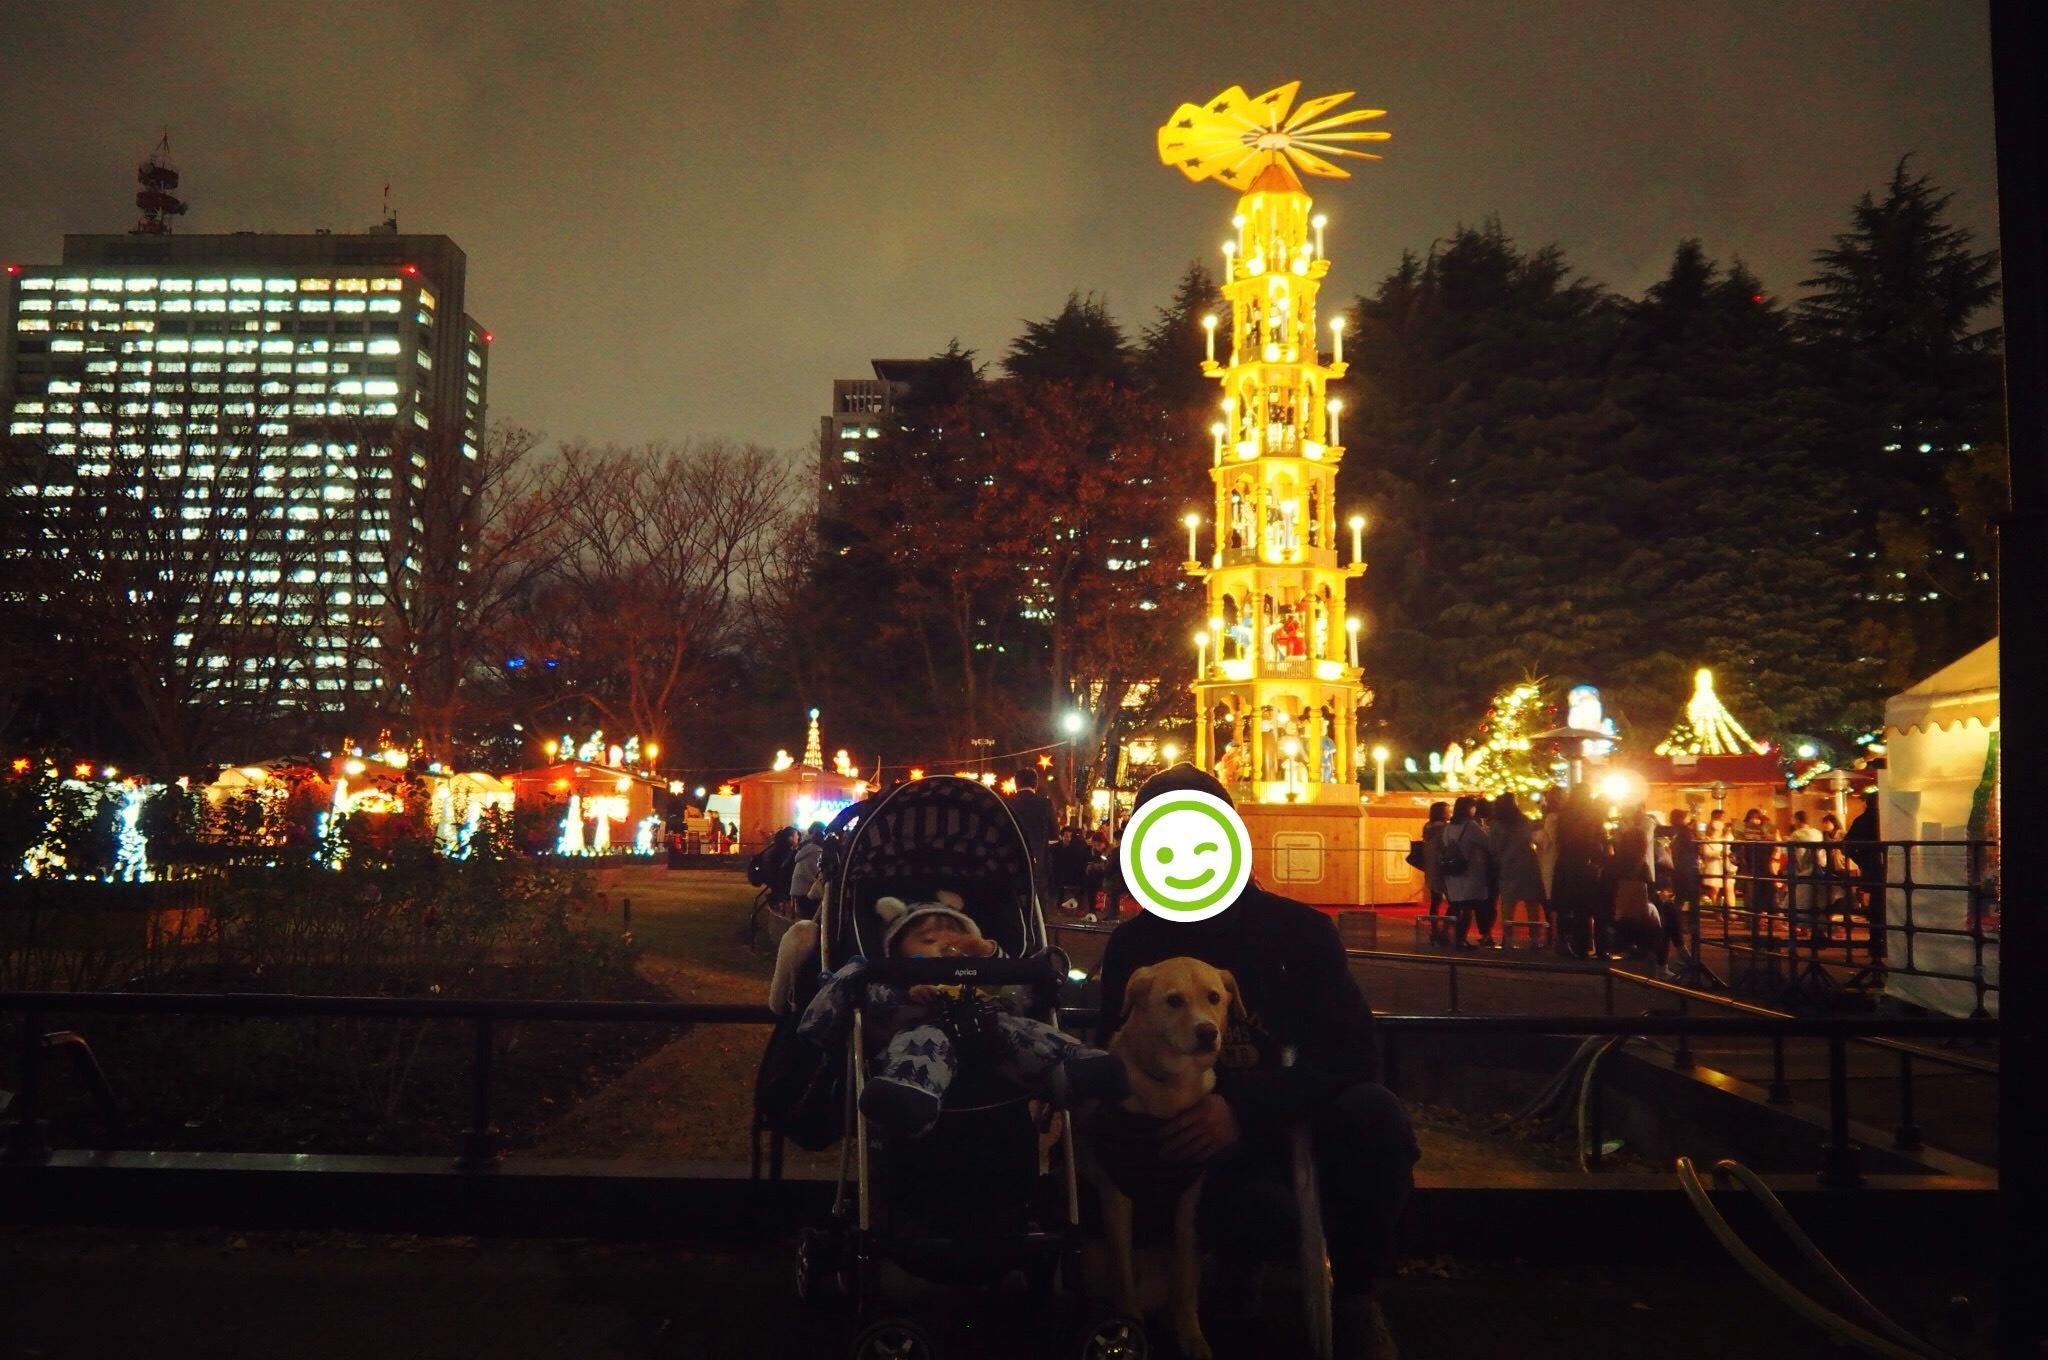 日比谷公園 東京クリスマスマーケット 犬 わんこ